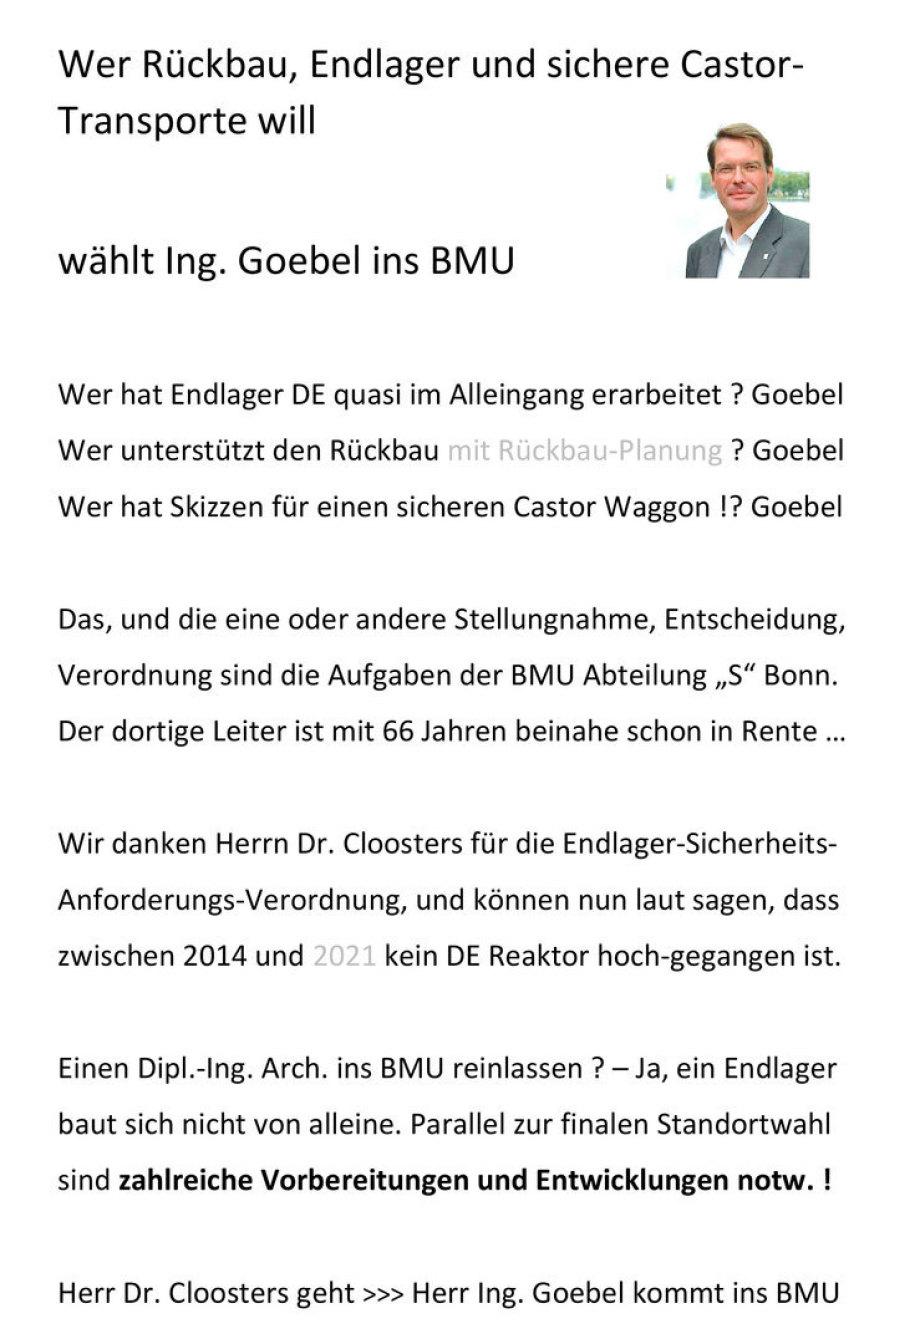 """Aufruf zur Wahl von Ing. Goebel ins BMU DE Abteilung """"S"""" Berlin Bonn - Nachfolge Dr. Cloosters"""